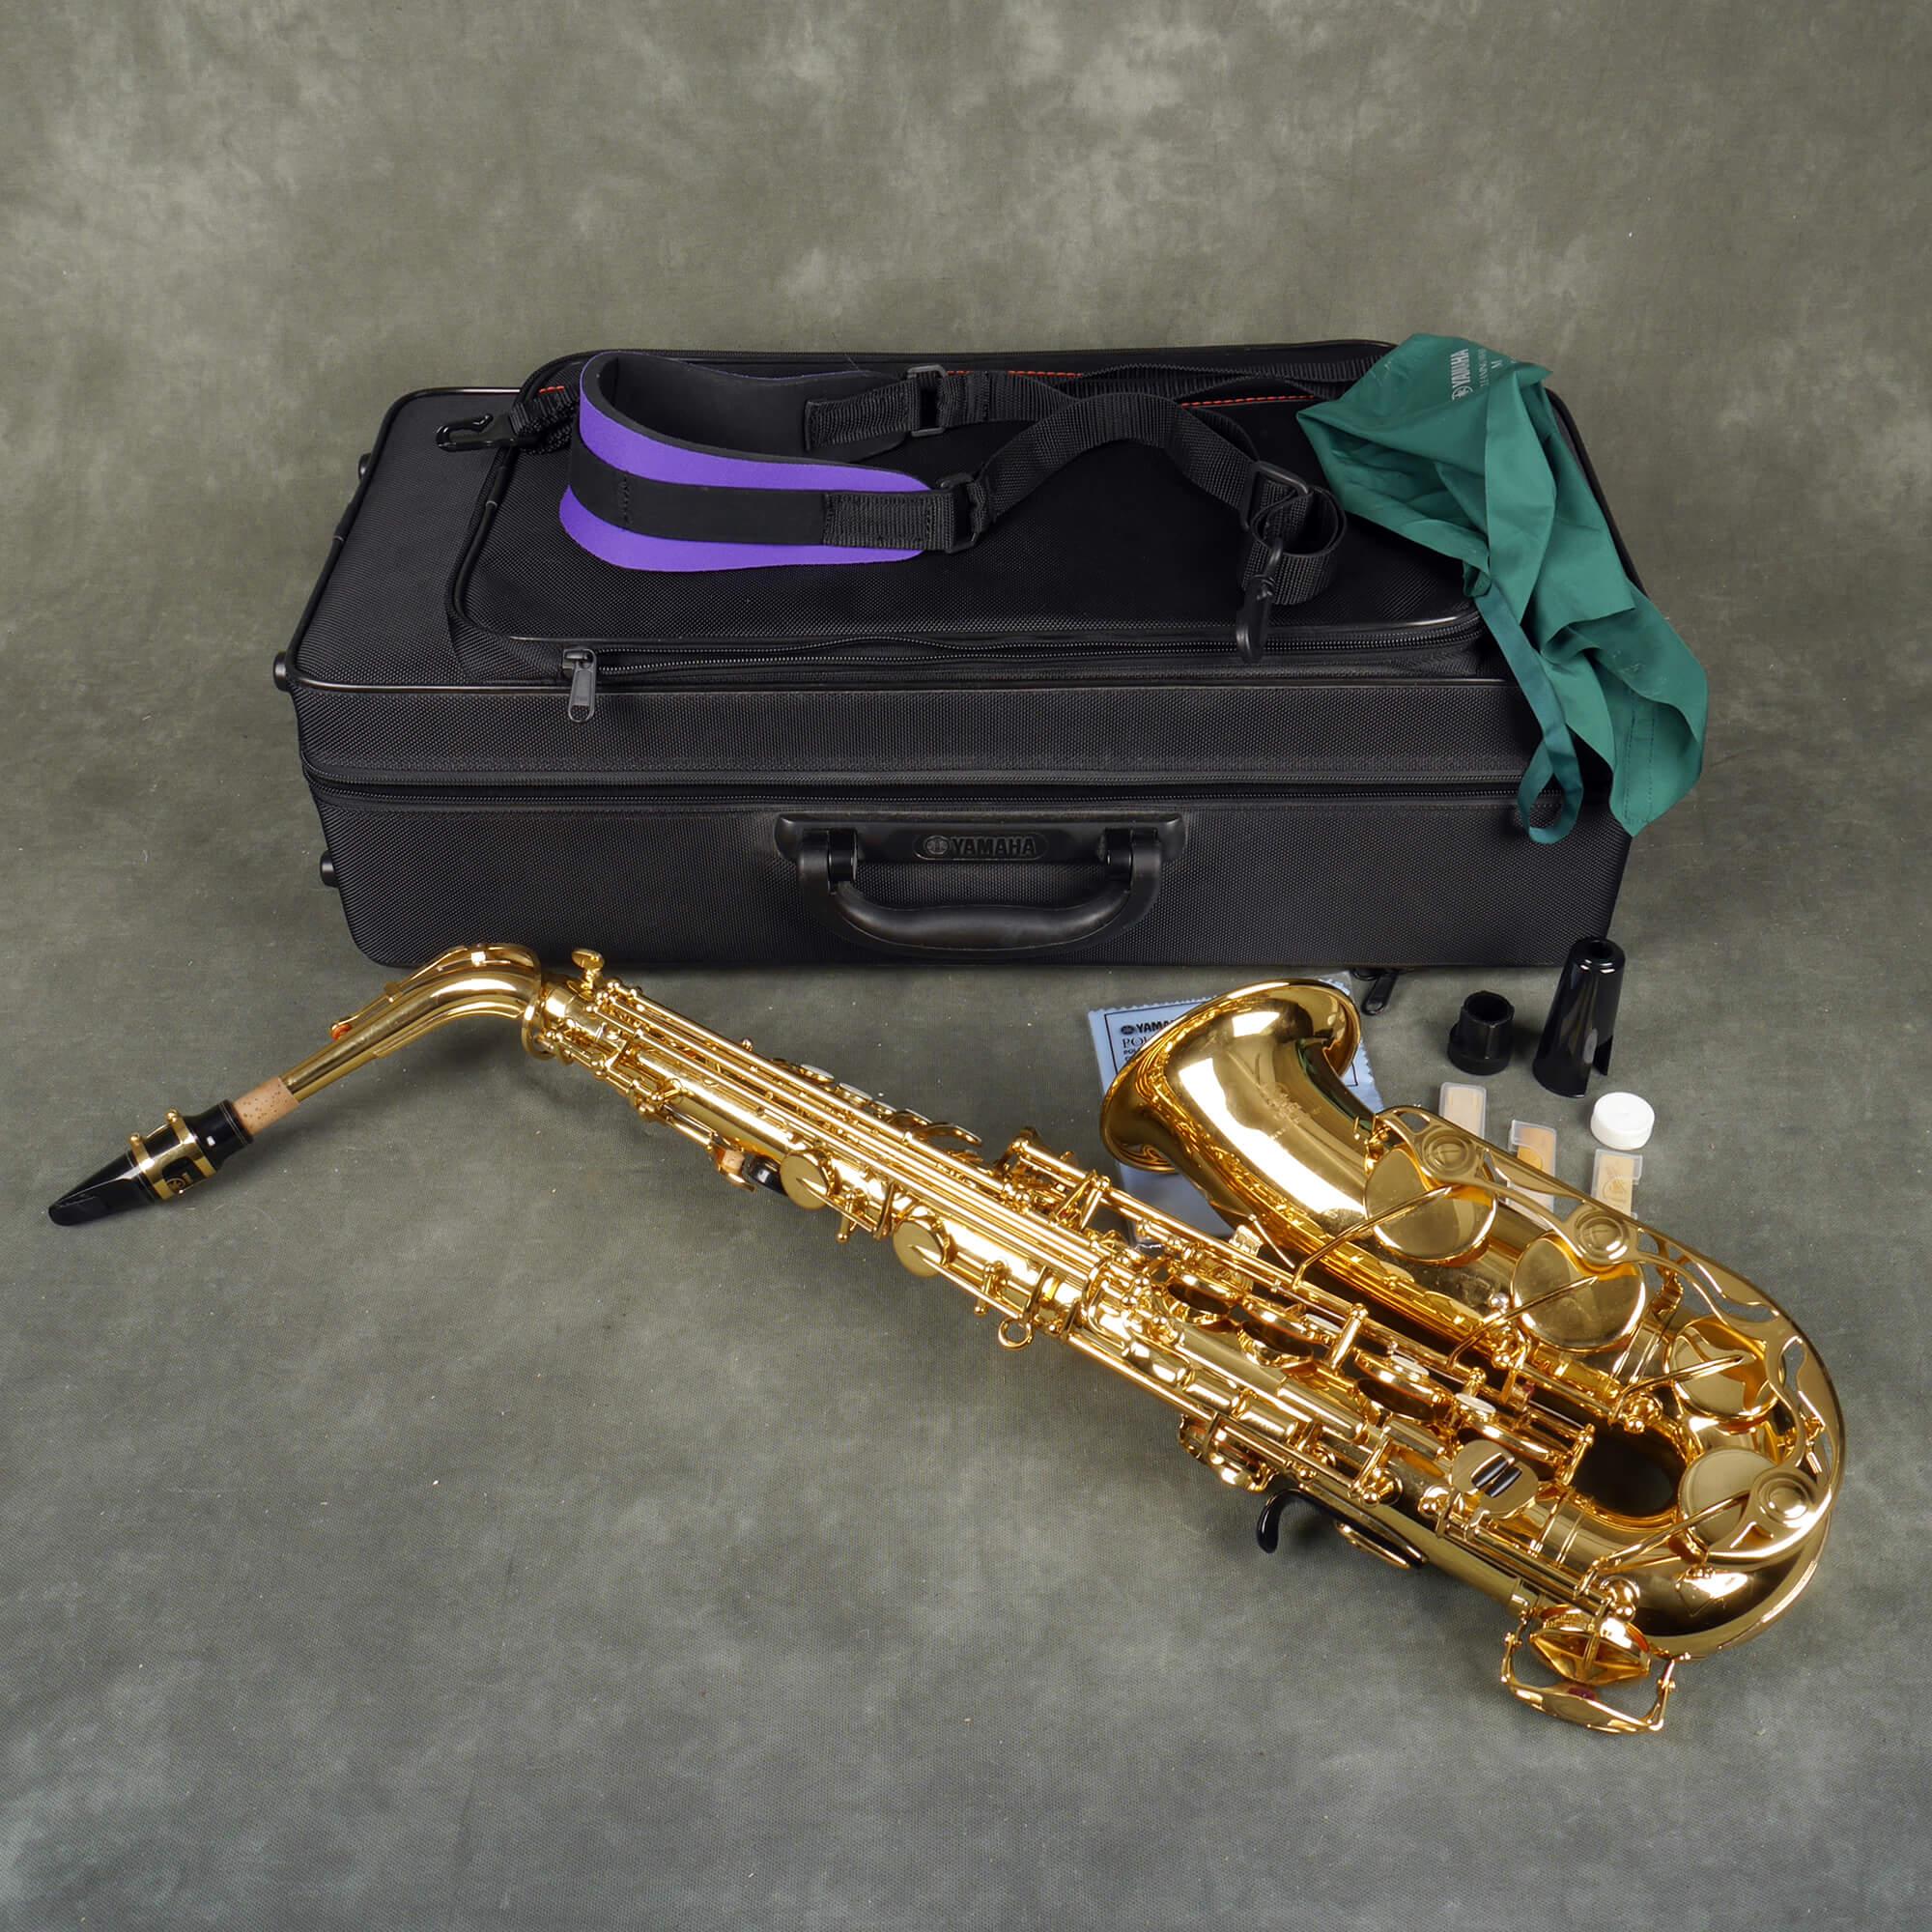 Yamaha YAS-280 Saxophone w/Hard Case - 2nd Hand